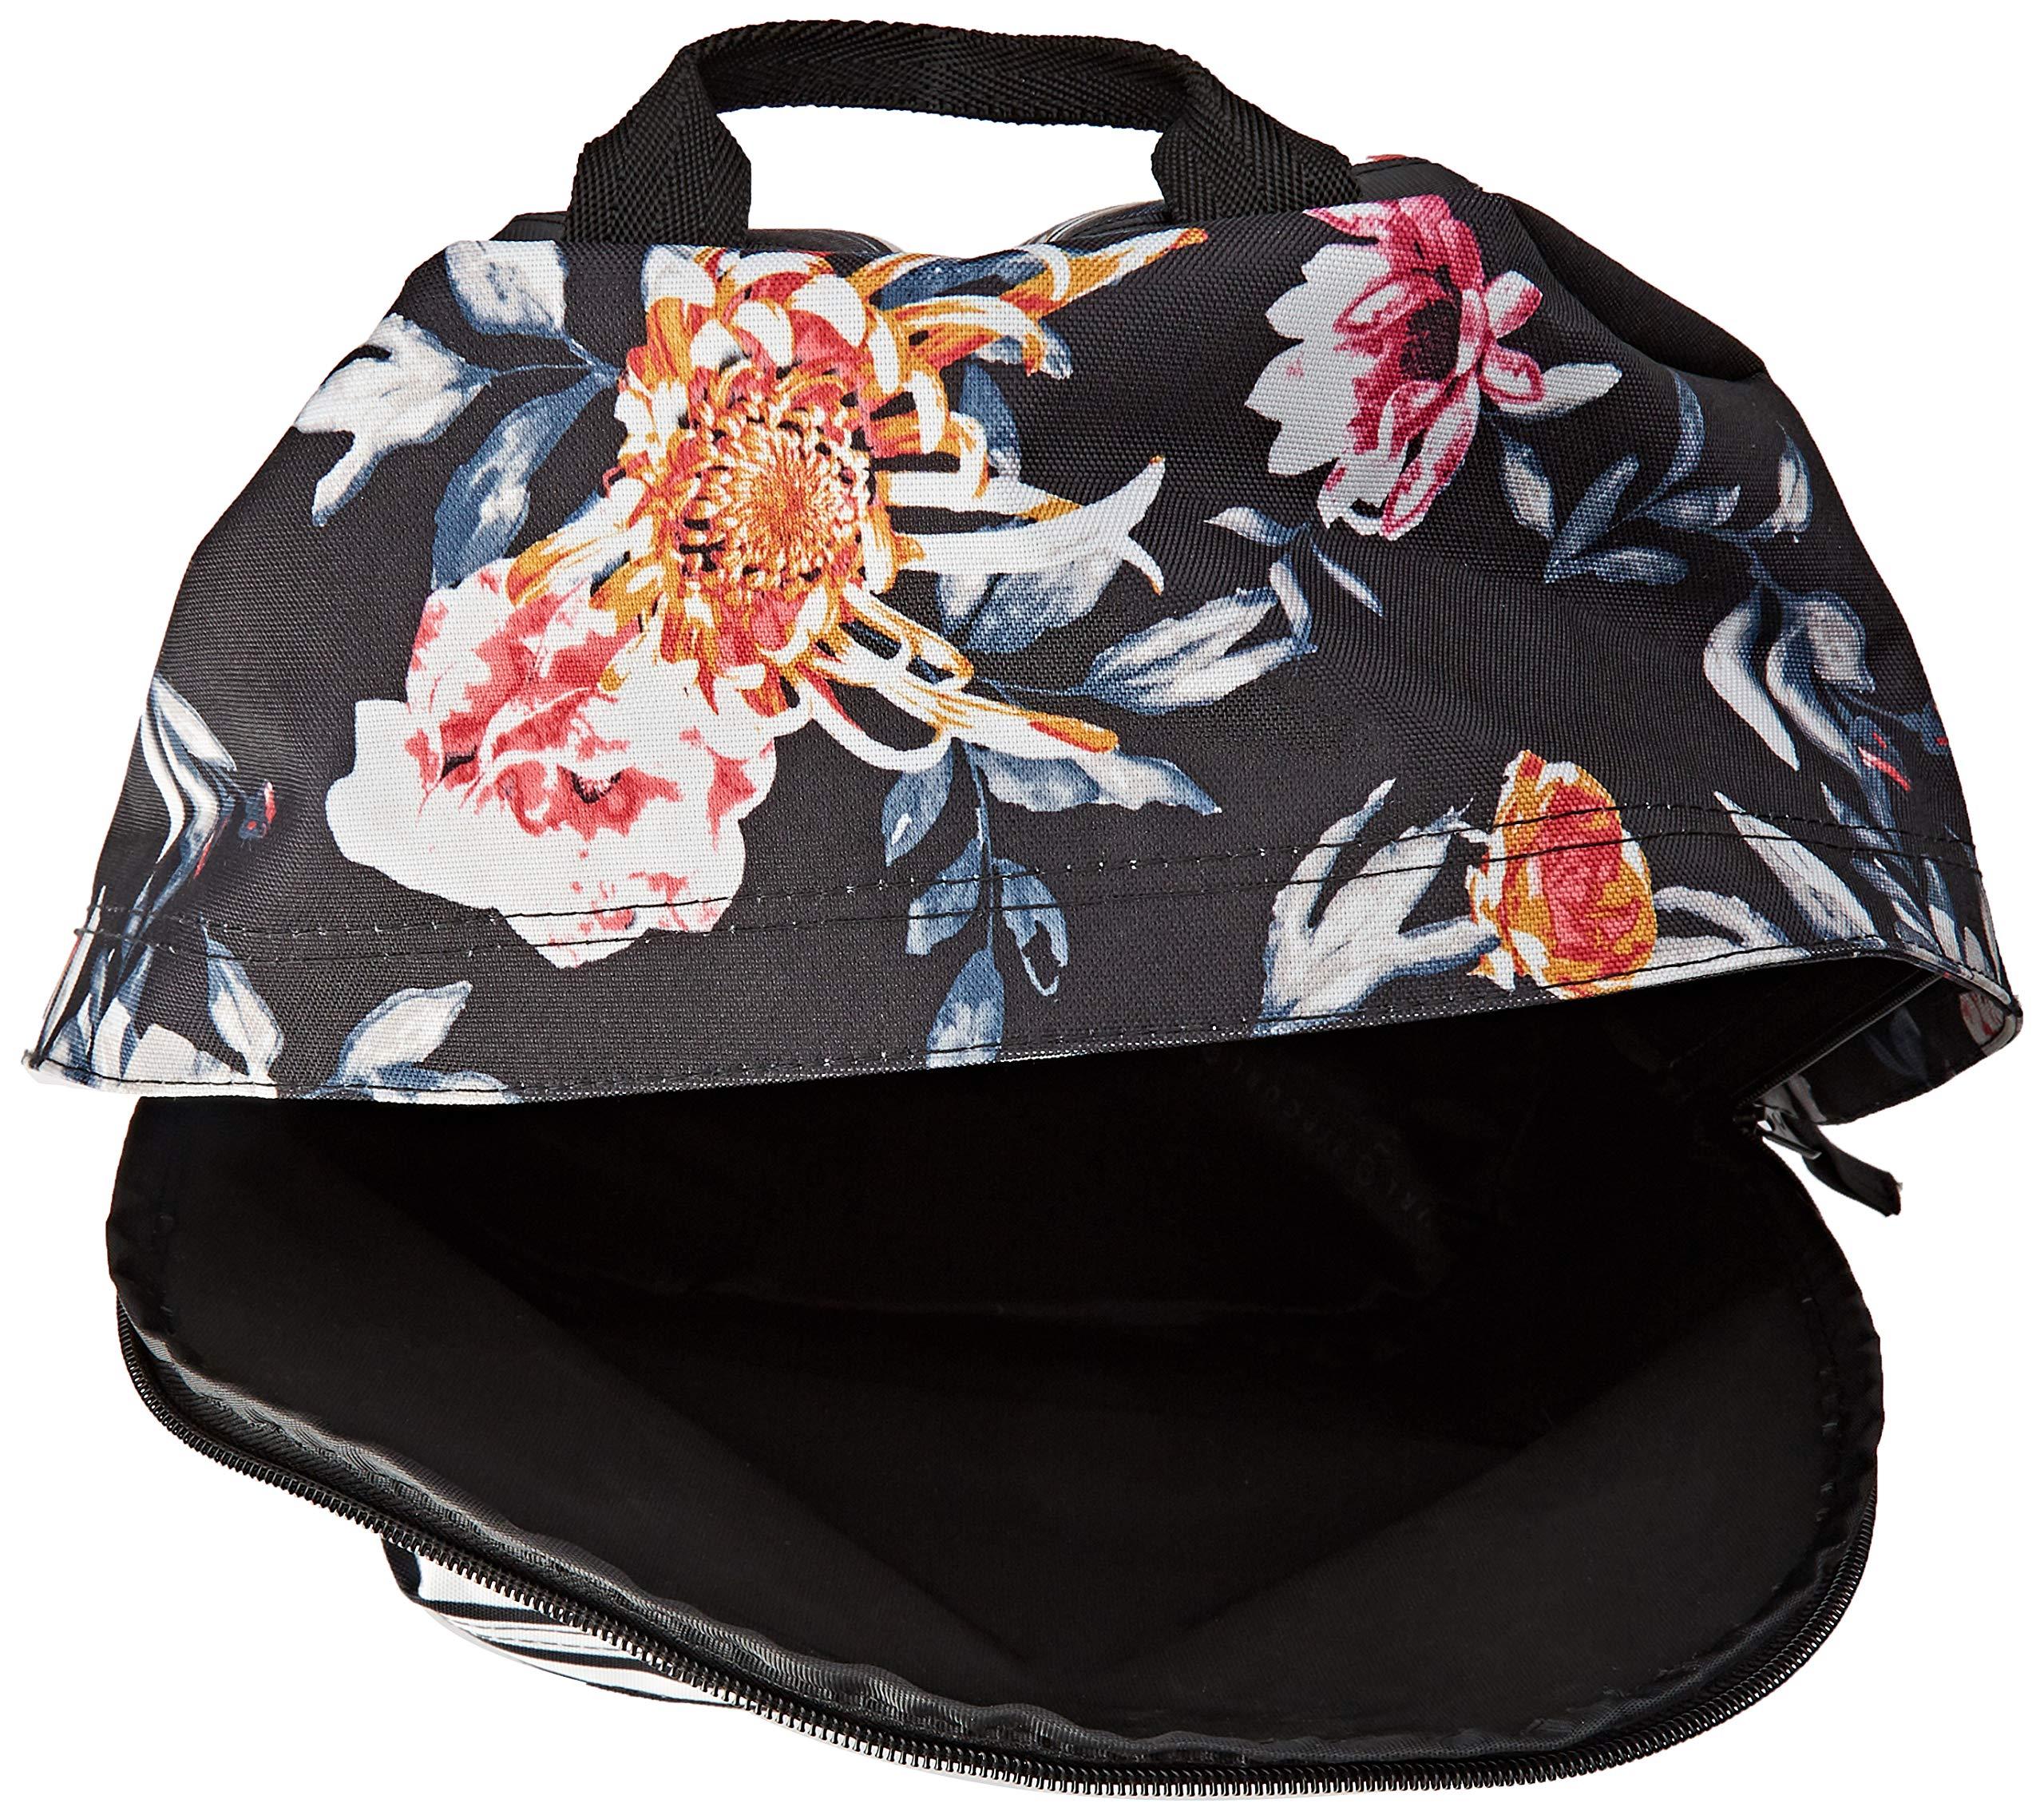 Rip Curl Dome Desert Flower Mochila Tipo Casual, 42 cm, 18 litros, Negro